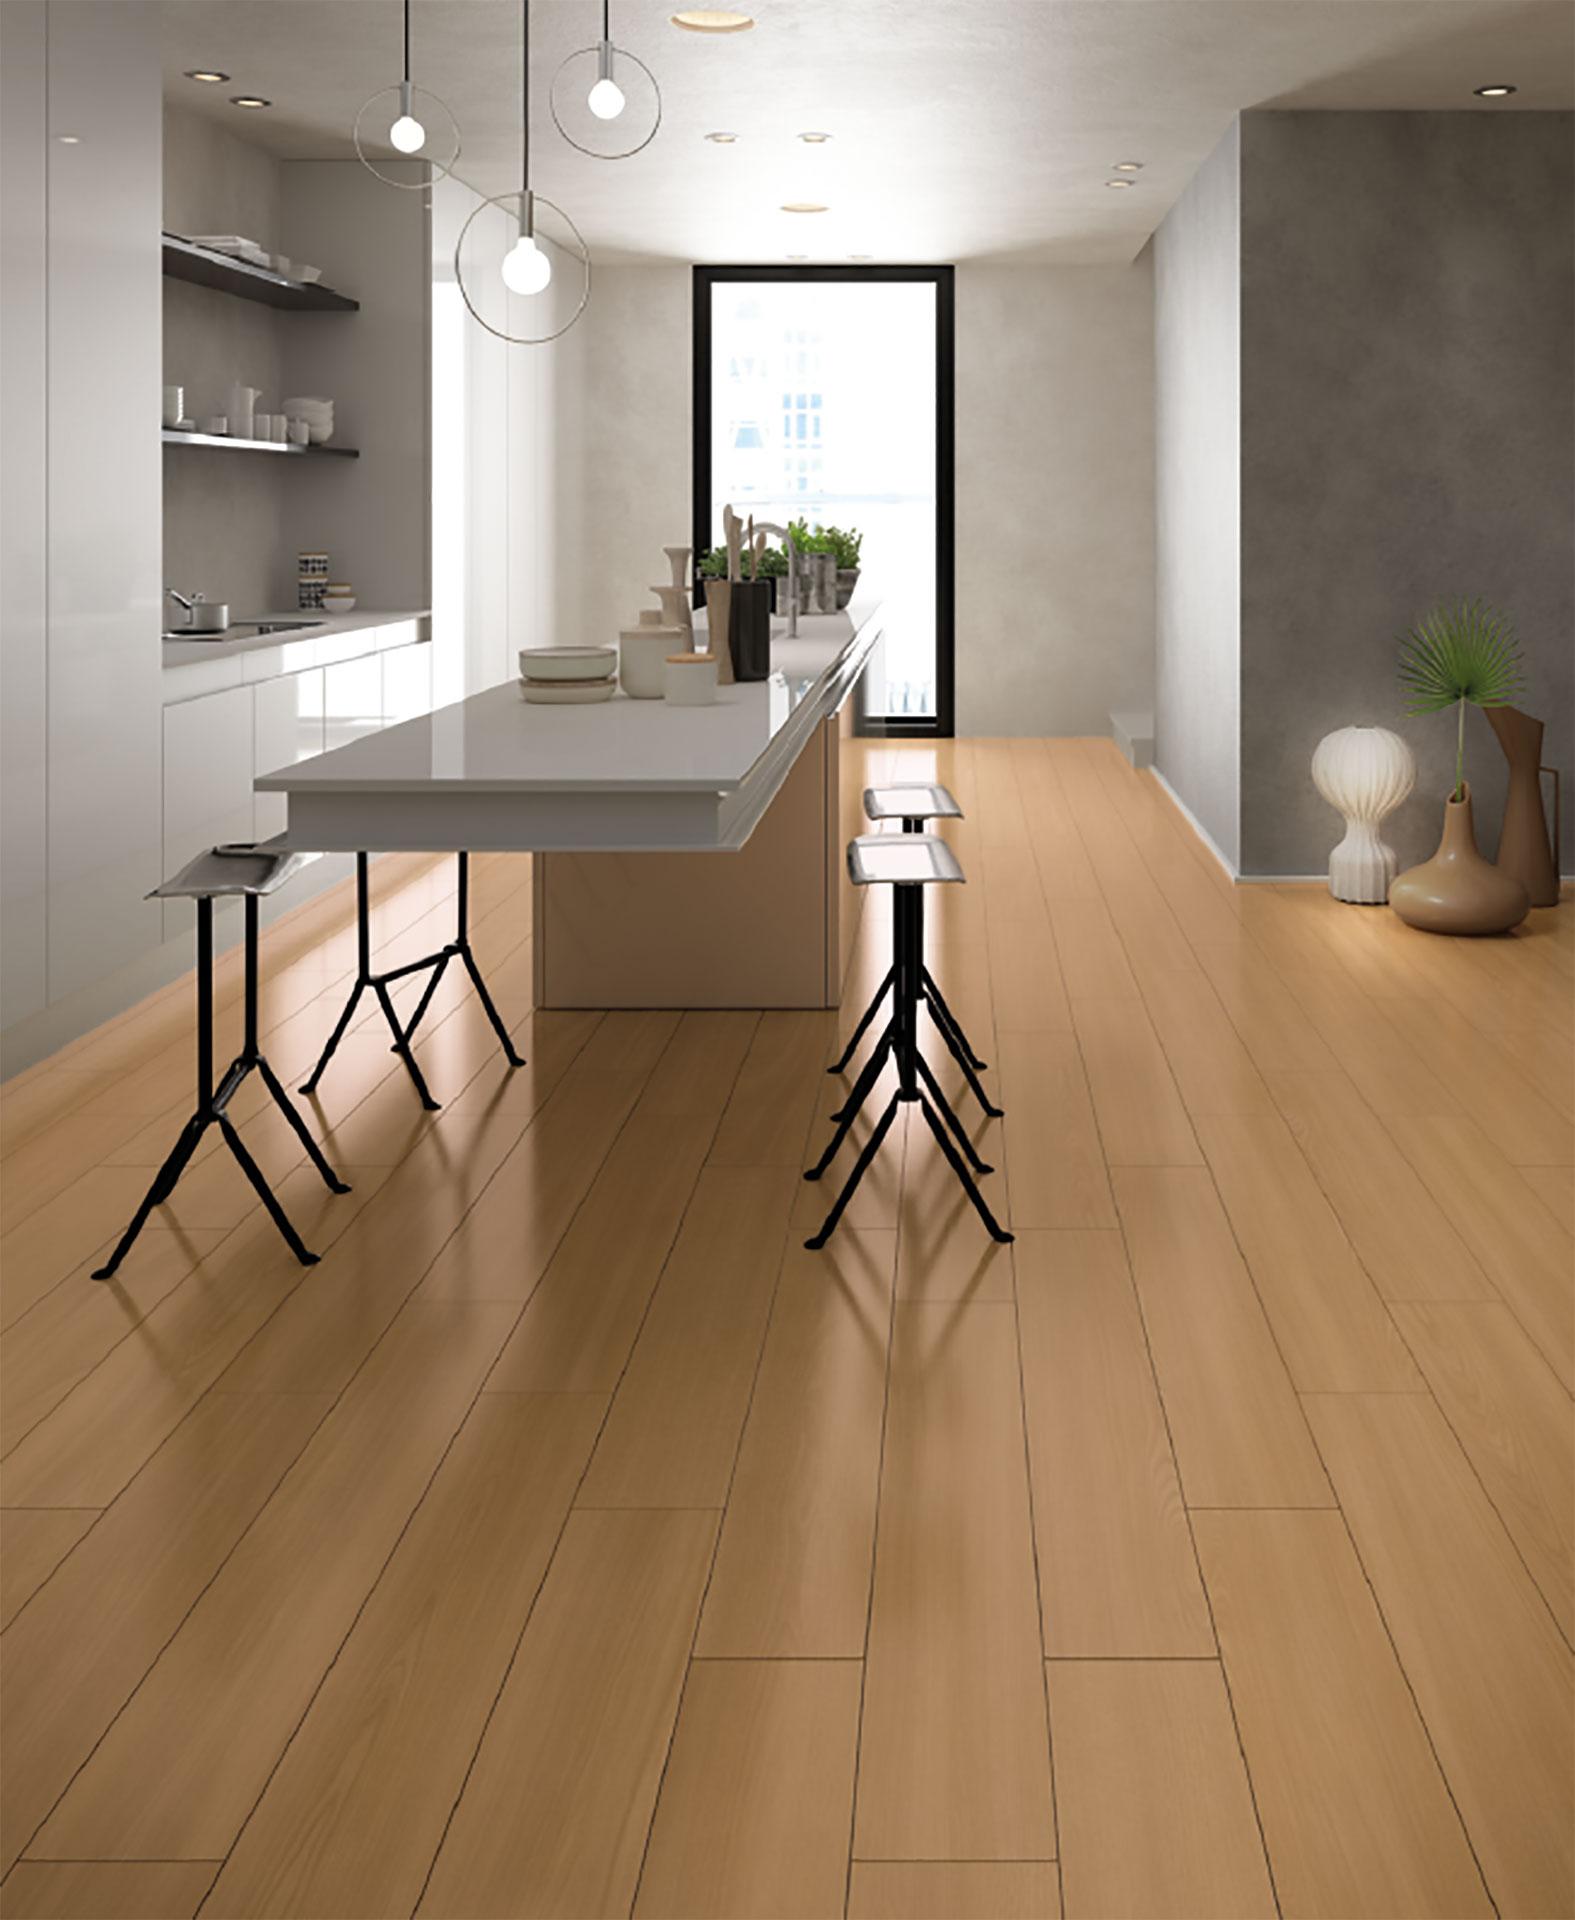 Calor y luminosidad para los suelos 2018 con el efecto madera Deck de Iris Ceramica